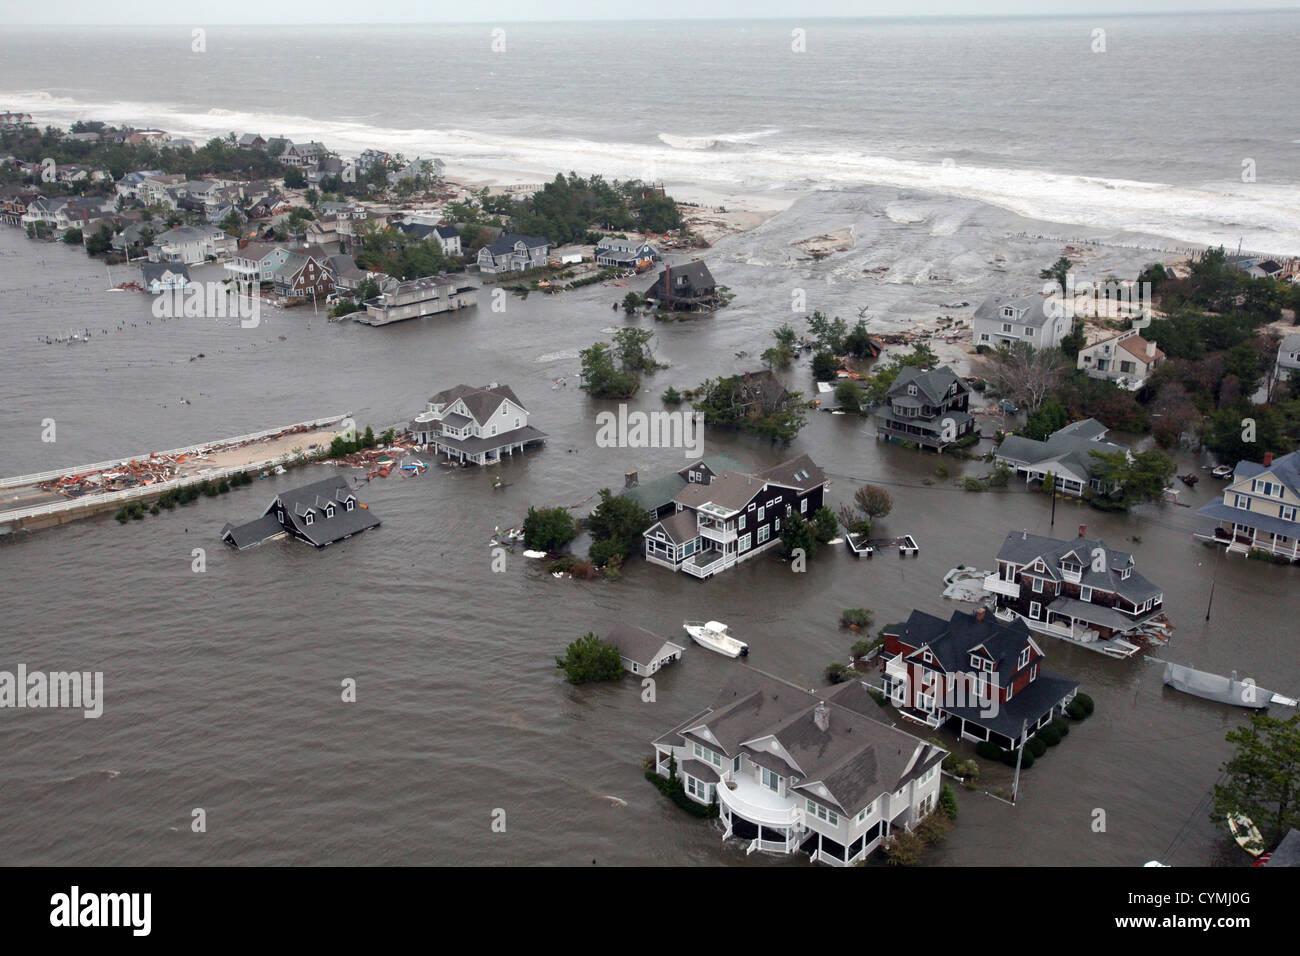 Luftaufnahmen der Schäden durch Hurrikan Sandy an der New Jersey Küste während einer Suche und Rettung Stockbild